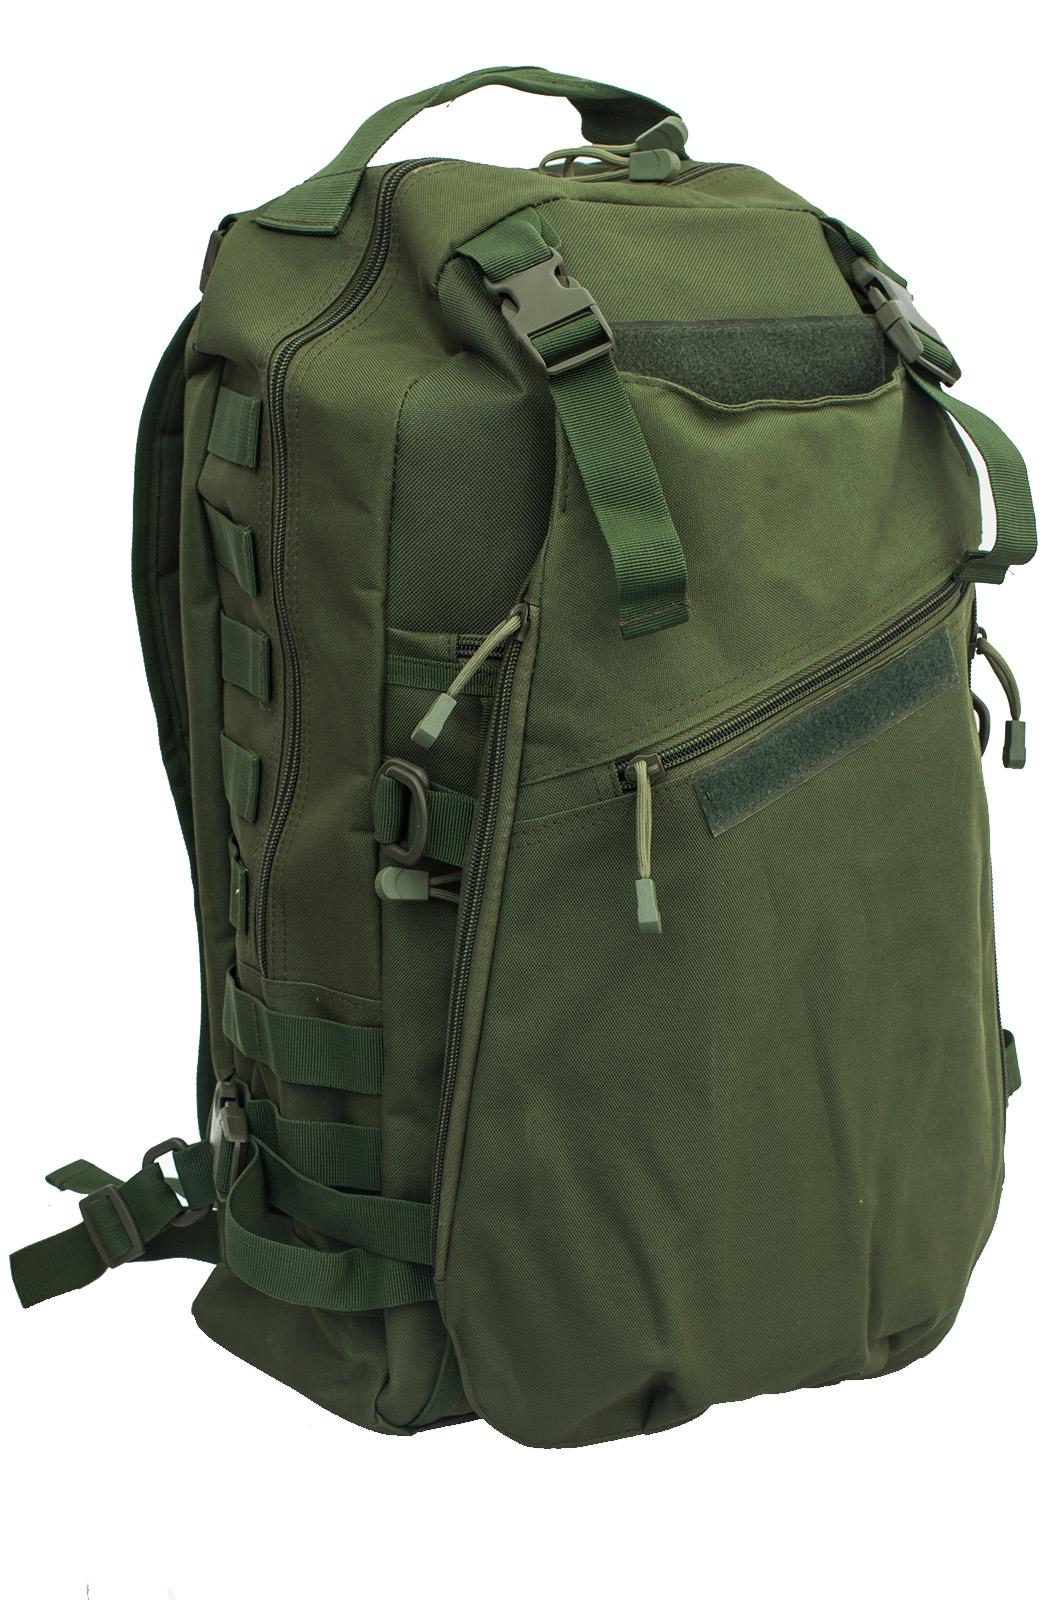 Заказать рейдовый рюкзак хаки-олива с доставкой